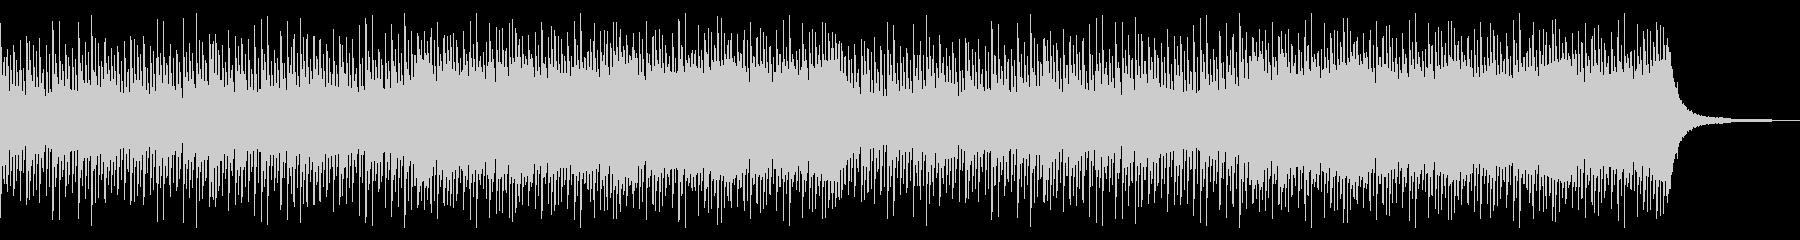 ストリングスなし 切ない ピアノ ギターの未再生の波形